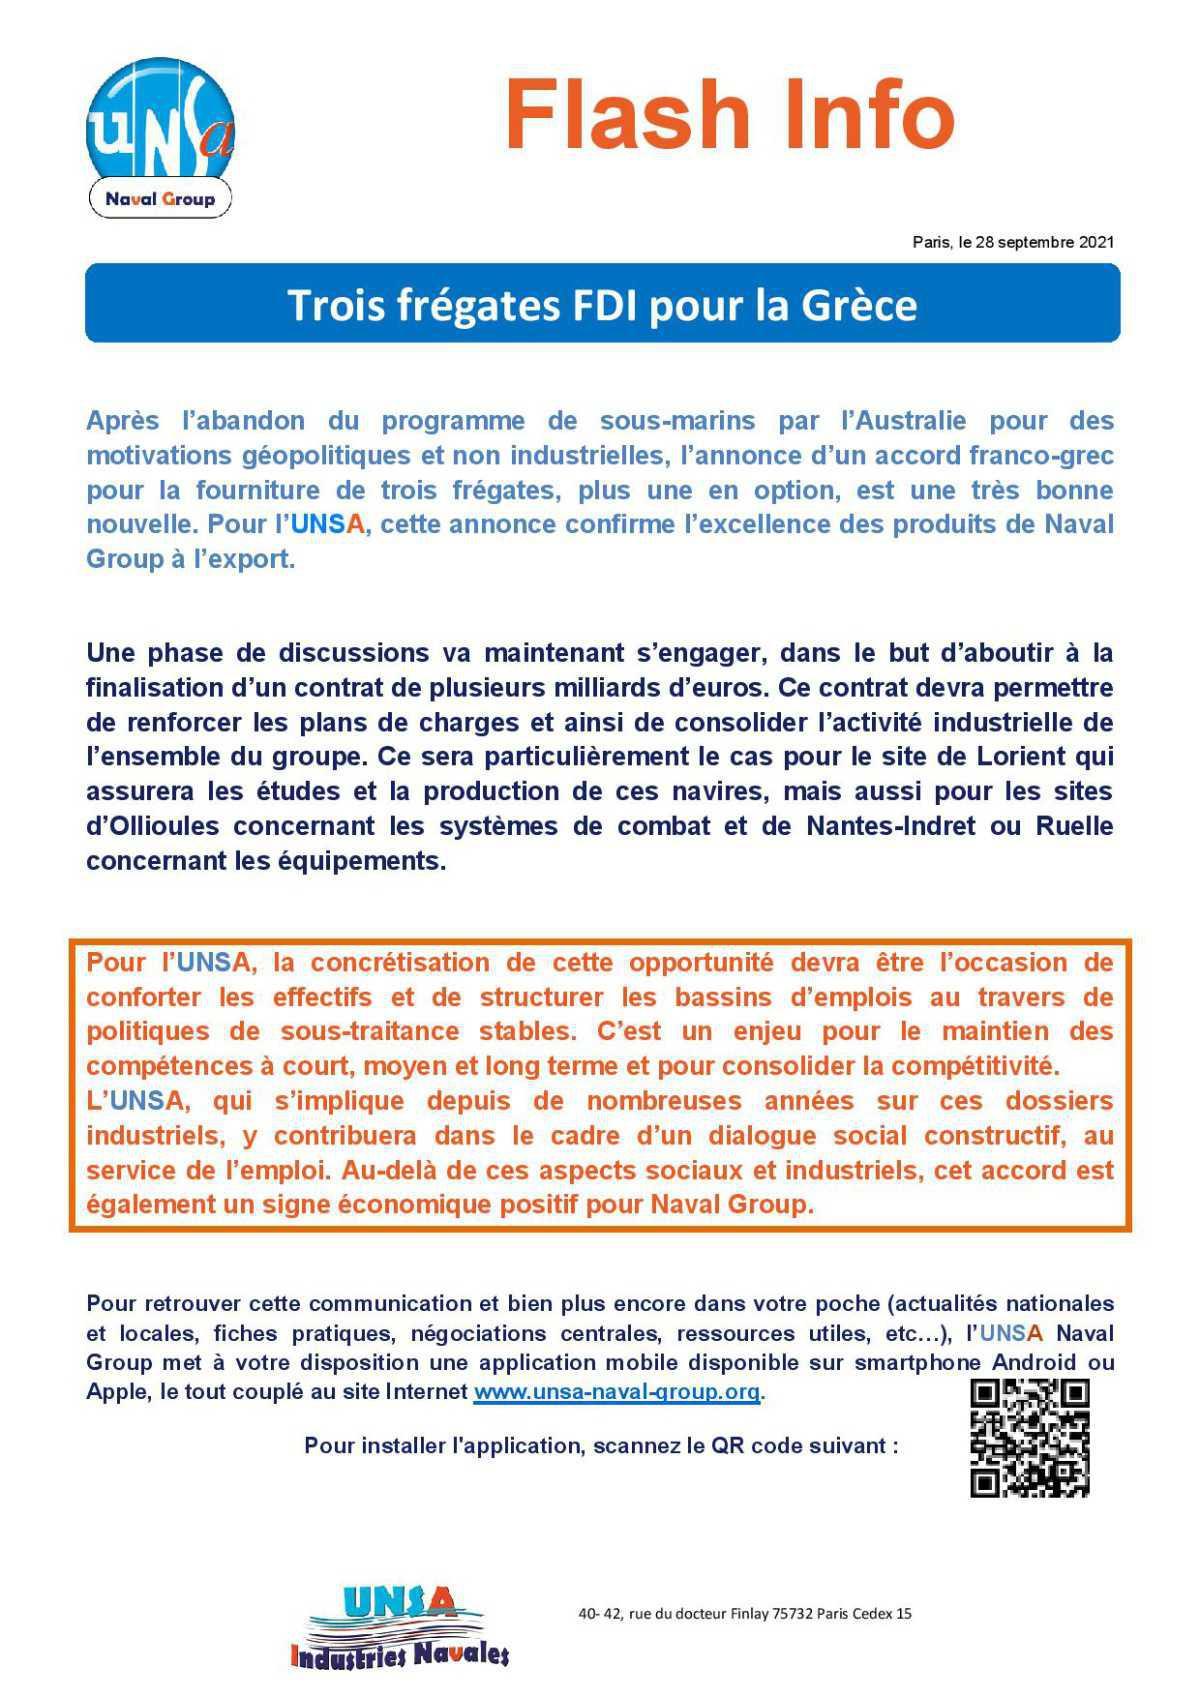 Trois frégates FDI pour la Grèce